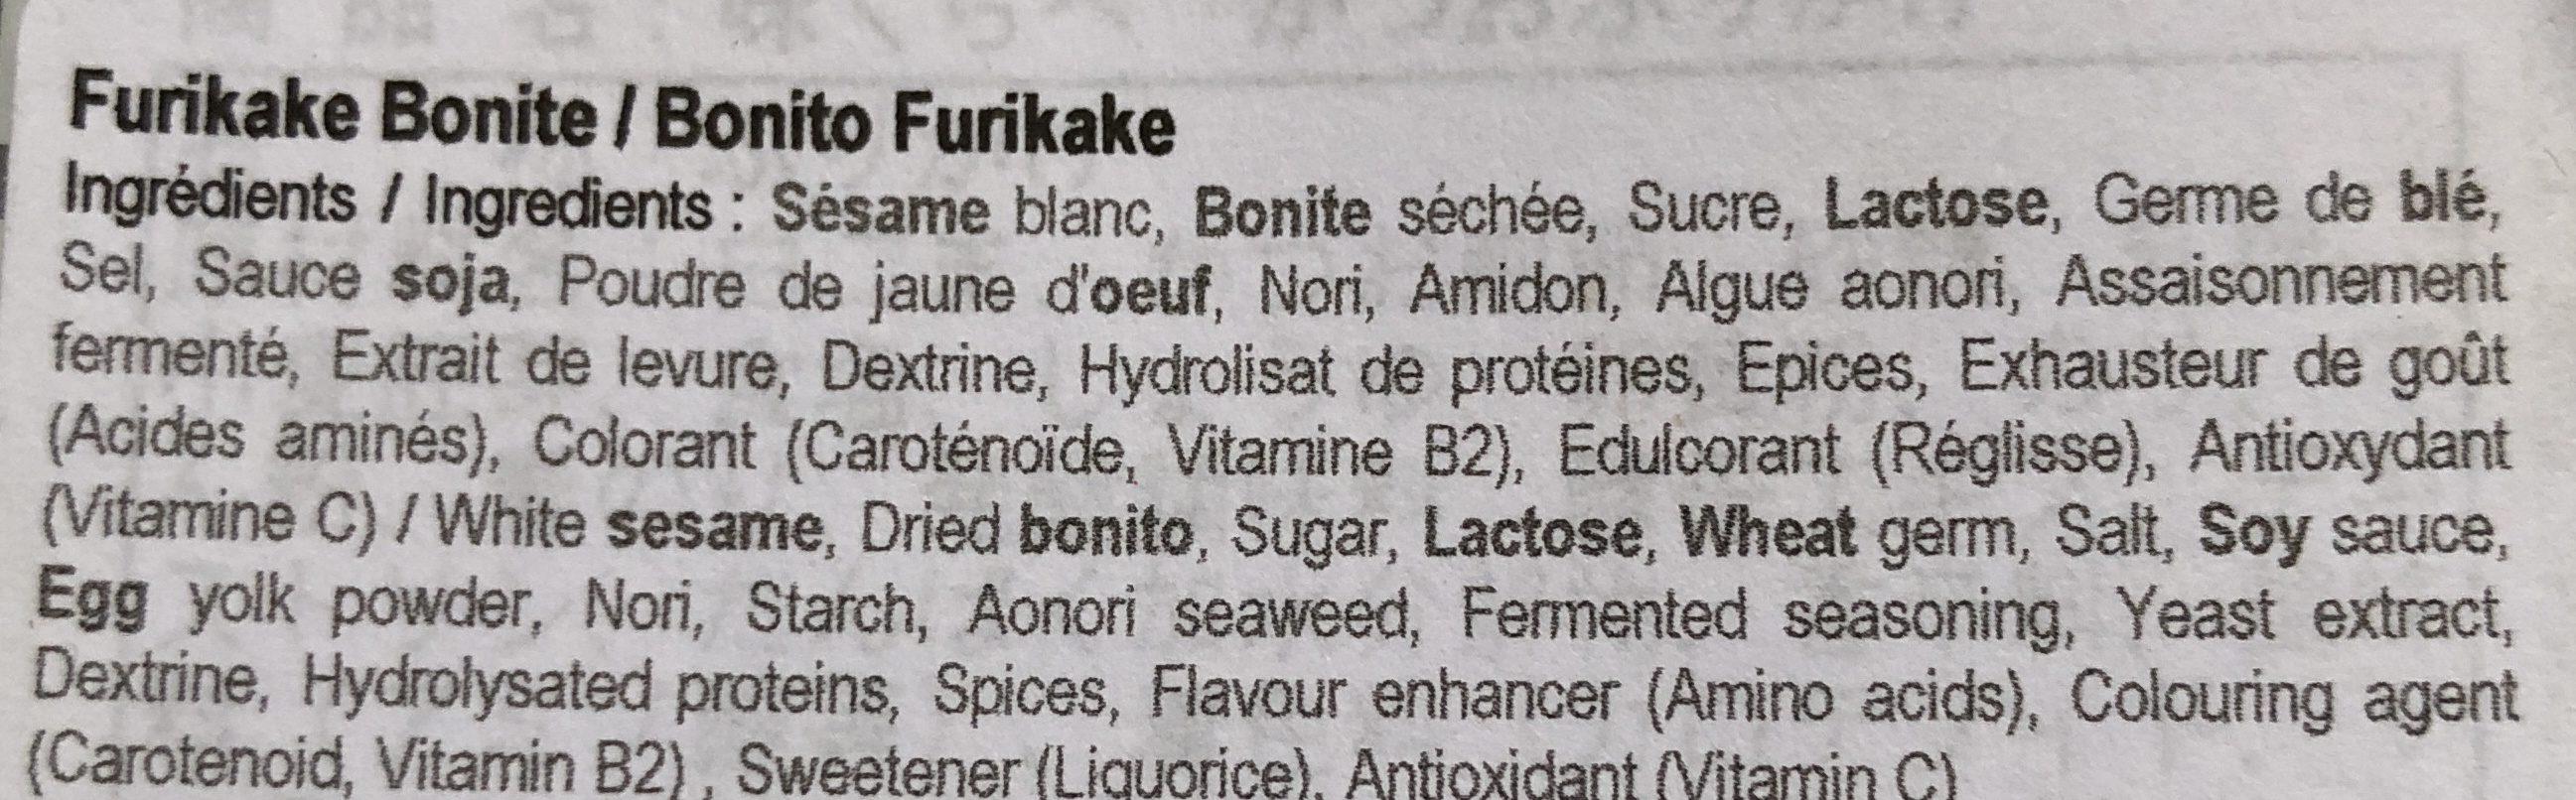 Furikake Bonite - Ingredients